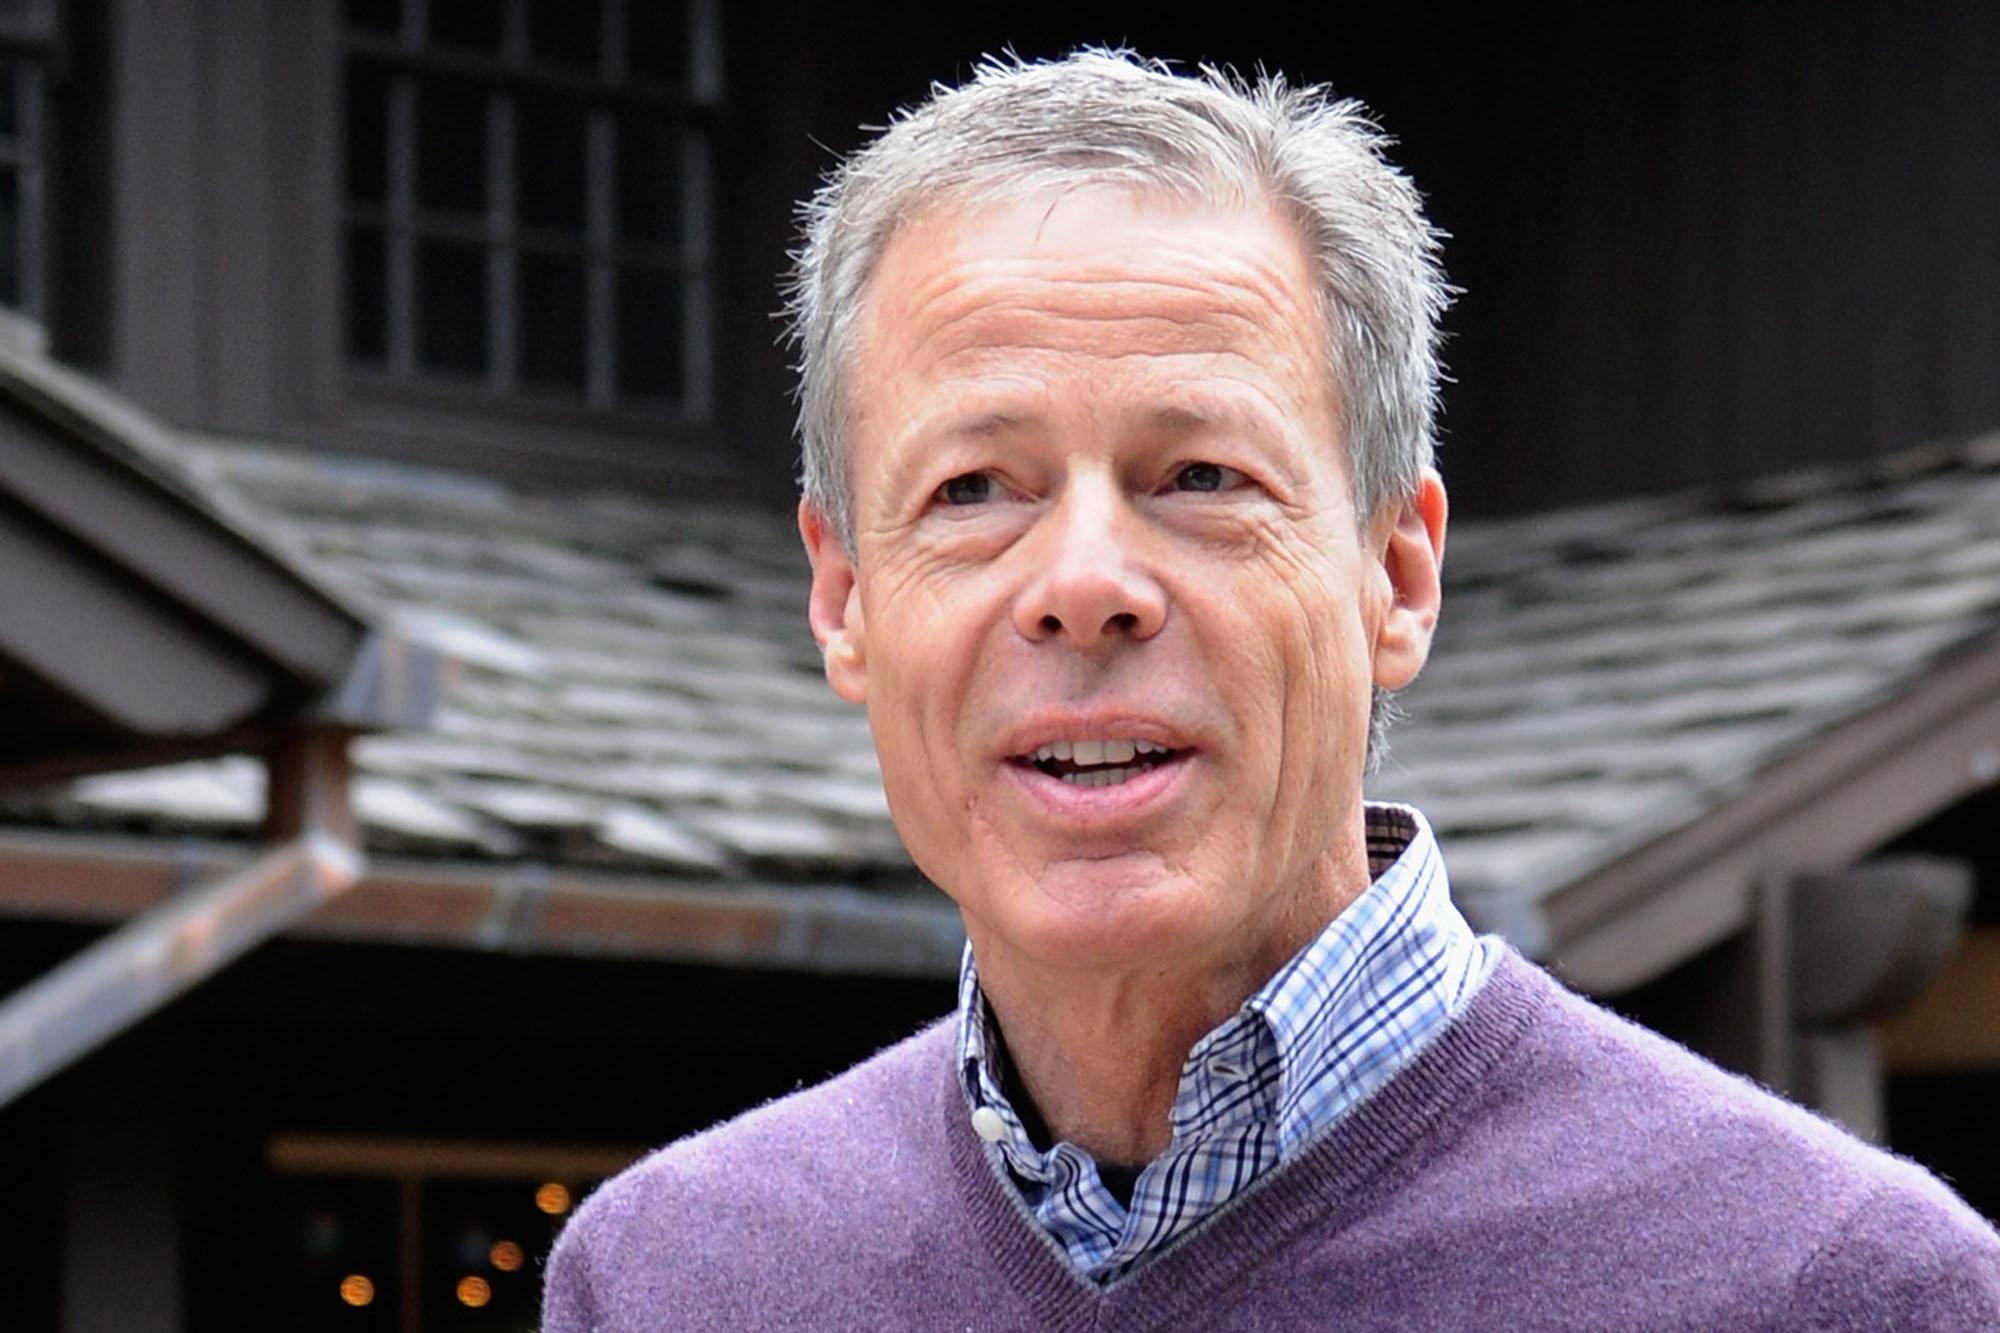 Джефф Бьюкс из Time Warner / Jeff Bewkes, CEO of Time Warner